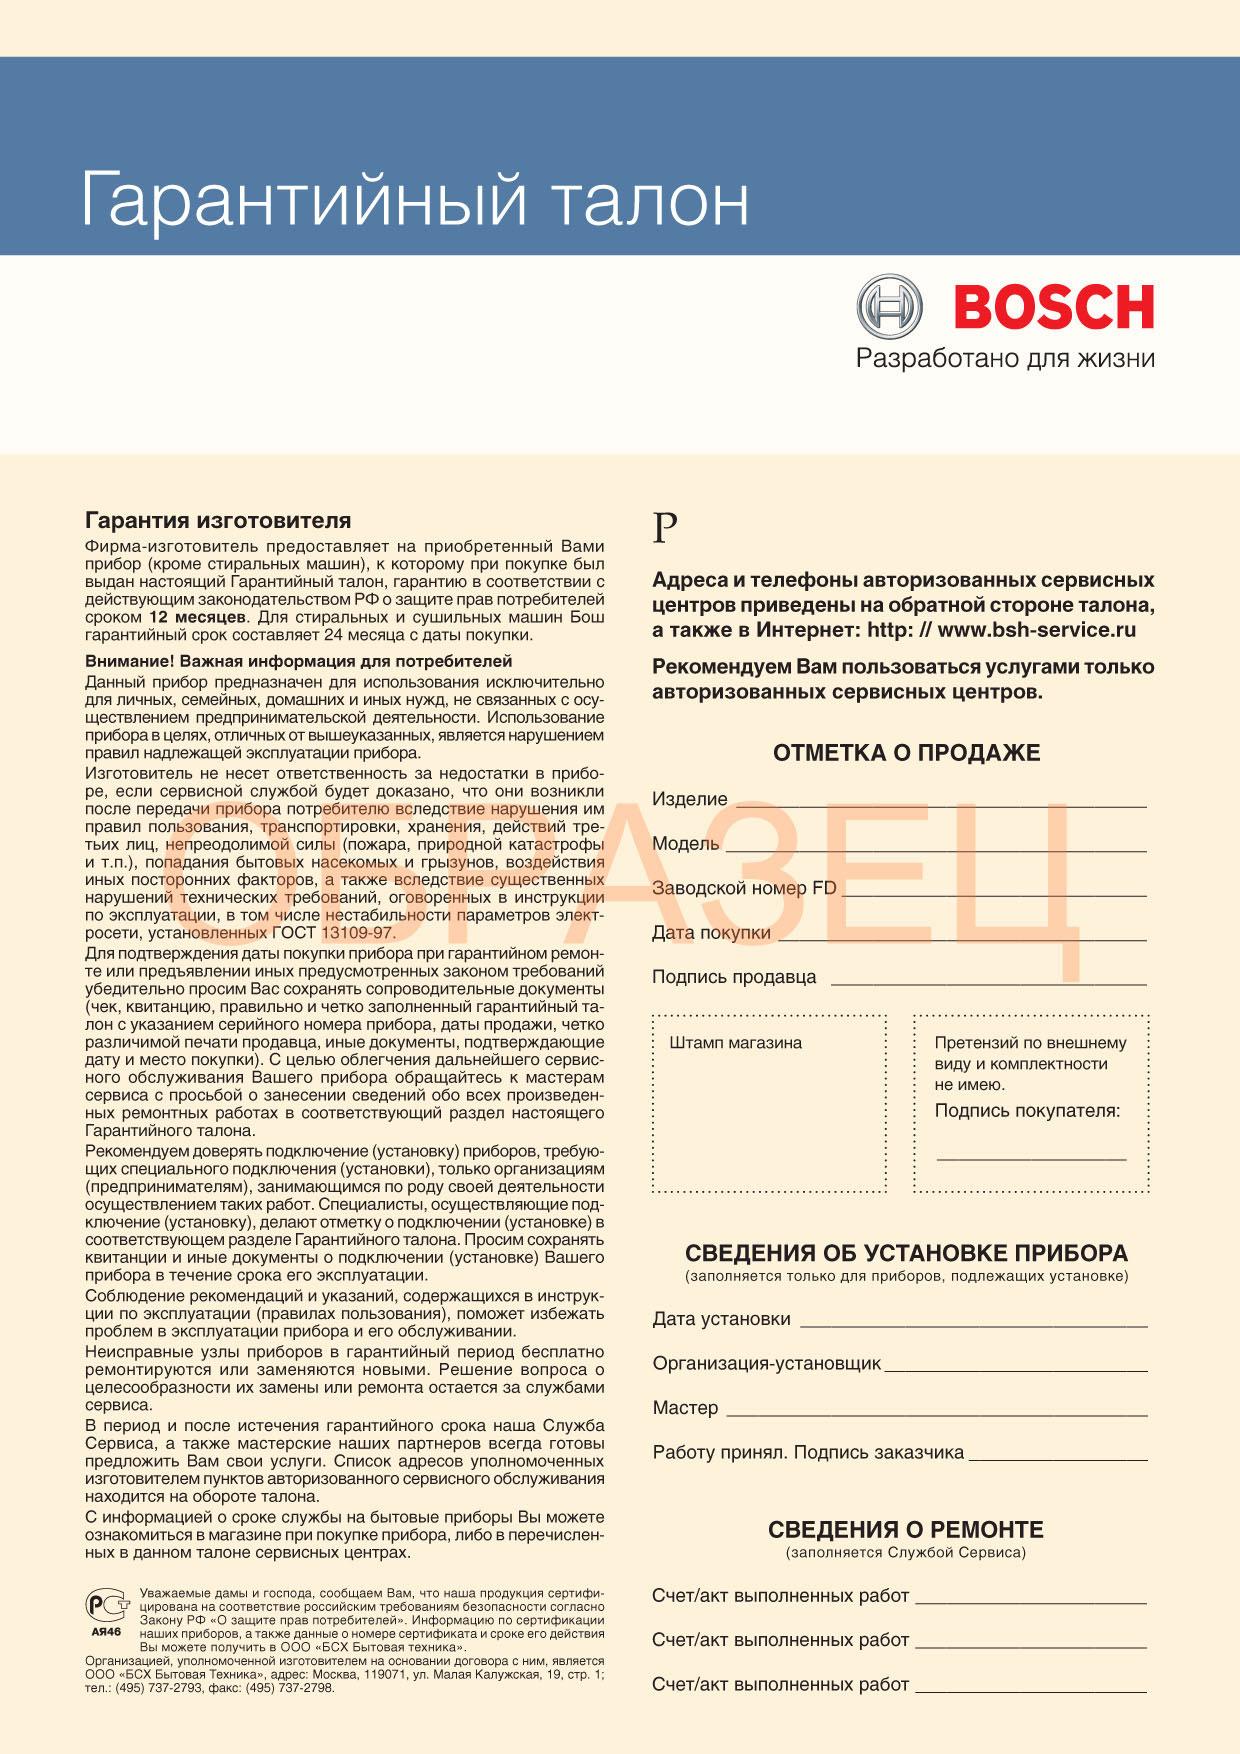 ...так и в собственном, не арендованном, офисе в Москве качественный ремонт стиральных машин bosch WAS, Classixx 5.